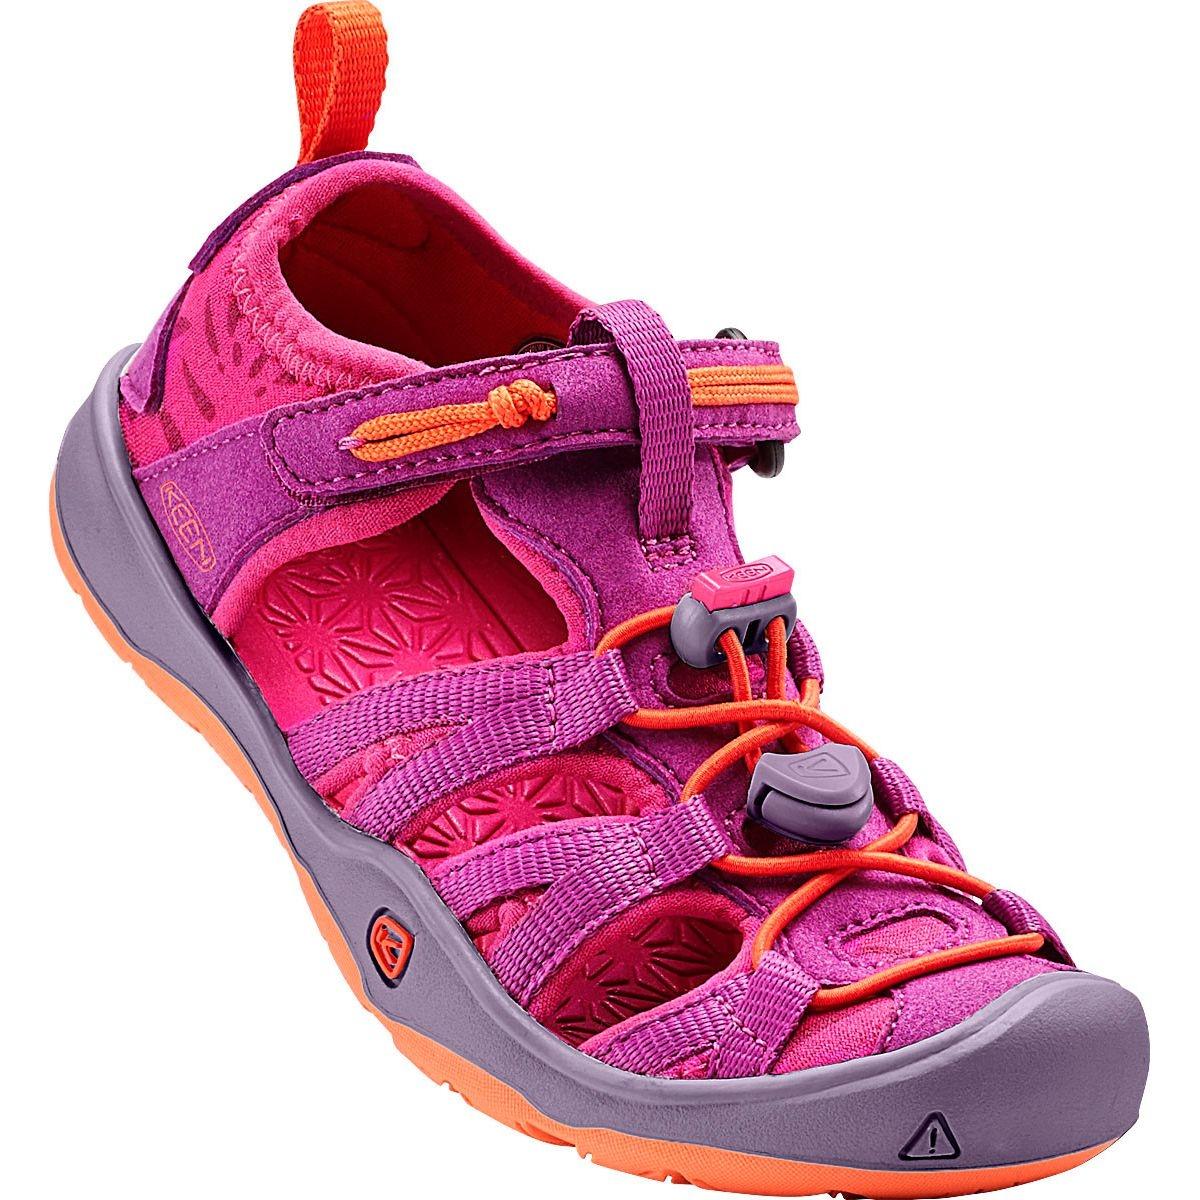 Moxie - Sandales Enfant - rose/violet